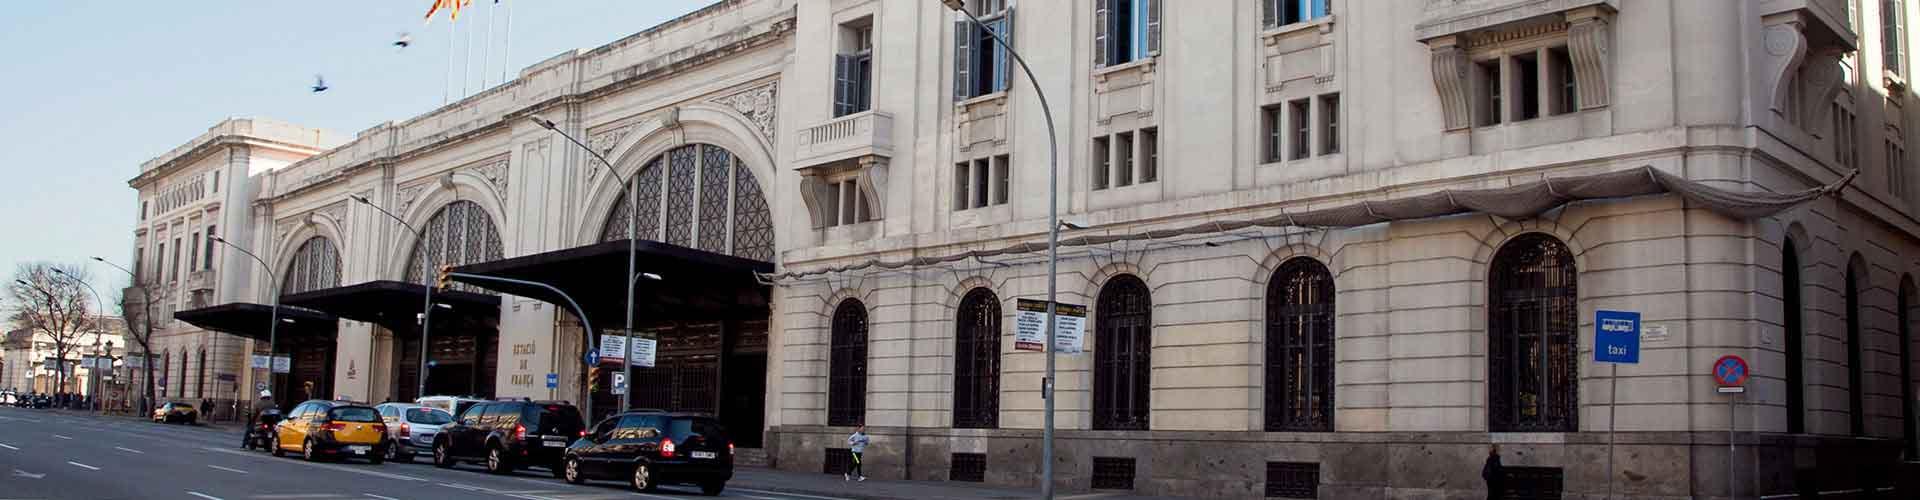 Barcellona – Campeggi vicini a Stazione ferroviaria di Estació de França. Mappe per Barcellona, Foto e  Recensioni per ogni Campeggio a Barcellona.